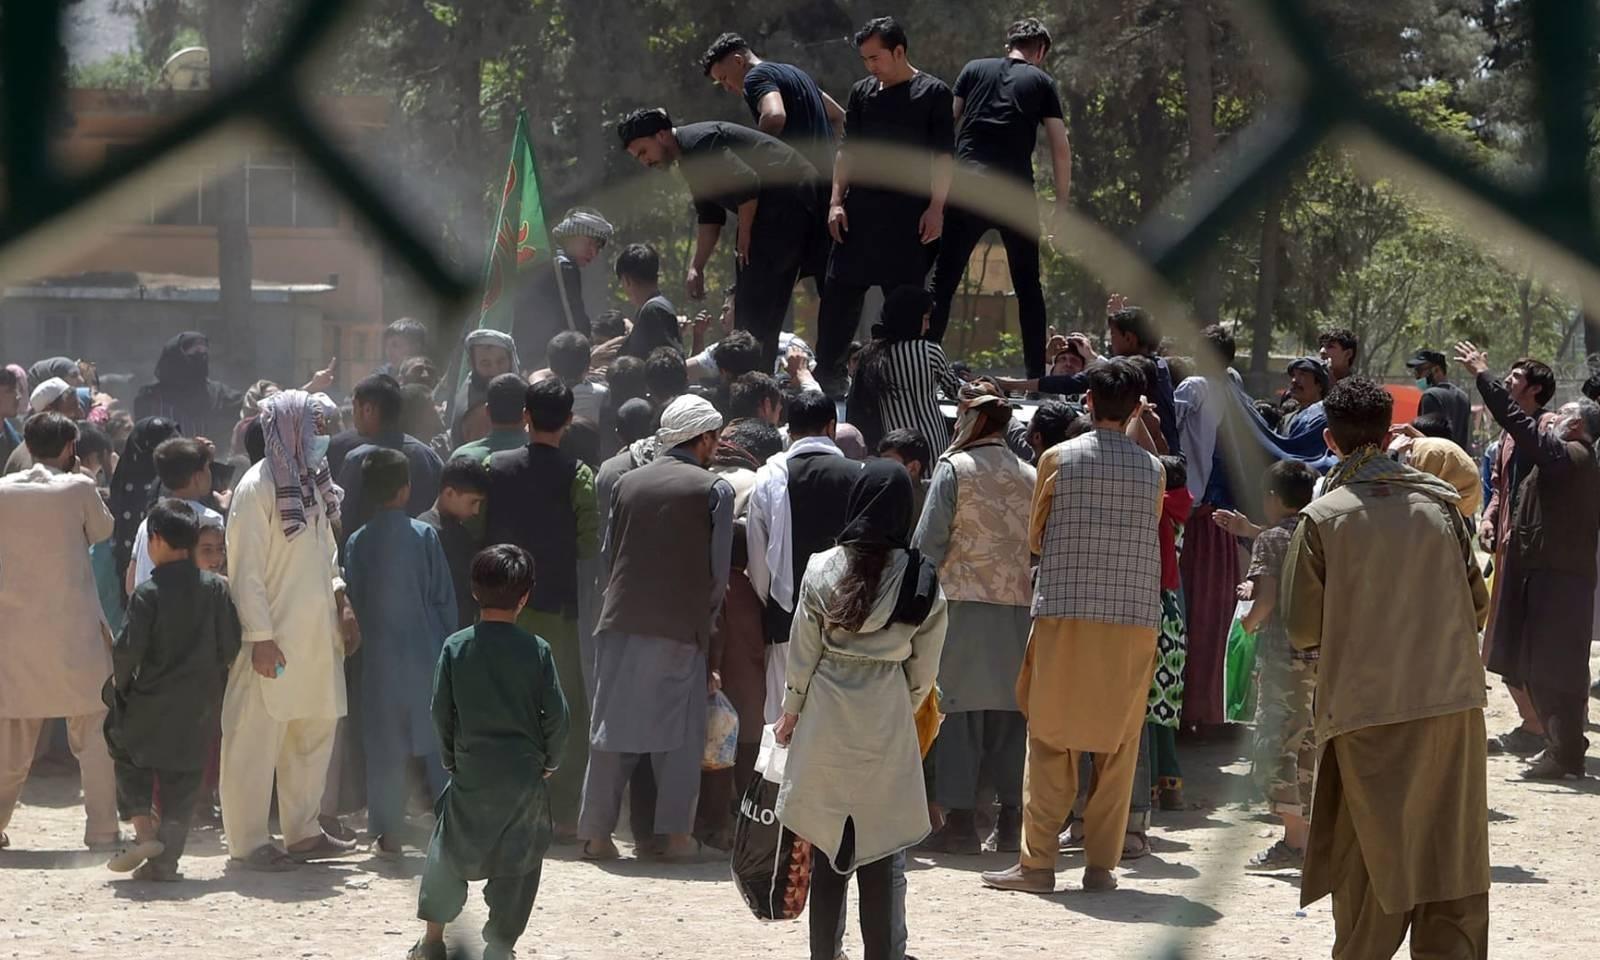 طالبان نے ملک کے دو تہائی حصے پر قبضہ حاصل کرلیا ہے — فوٹو: اے ایف پی